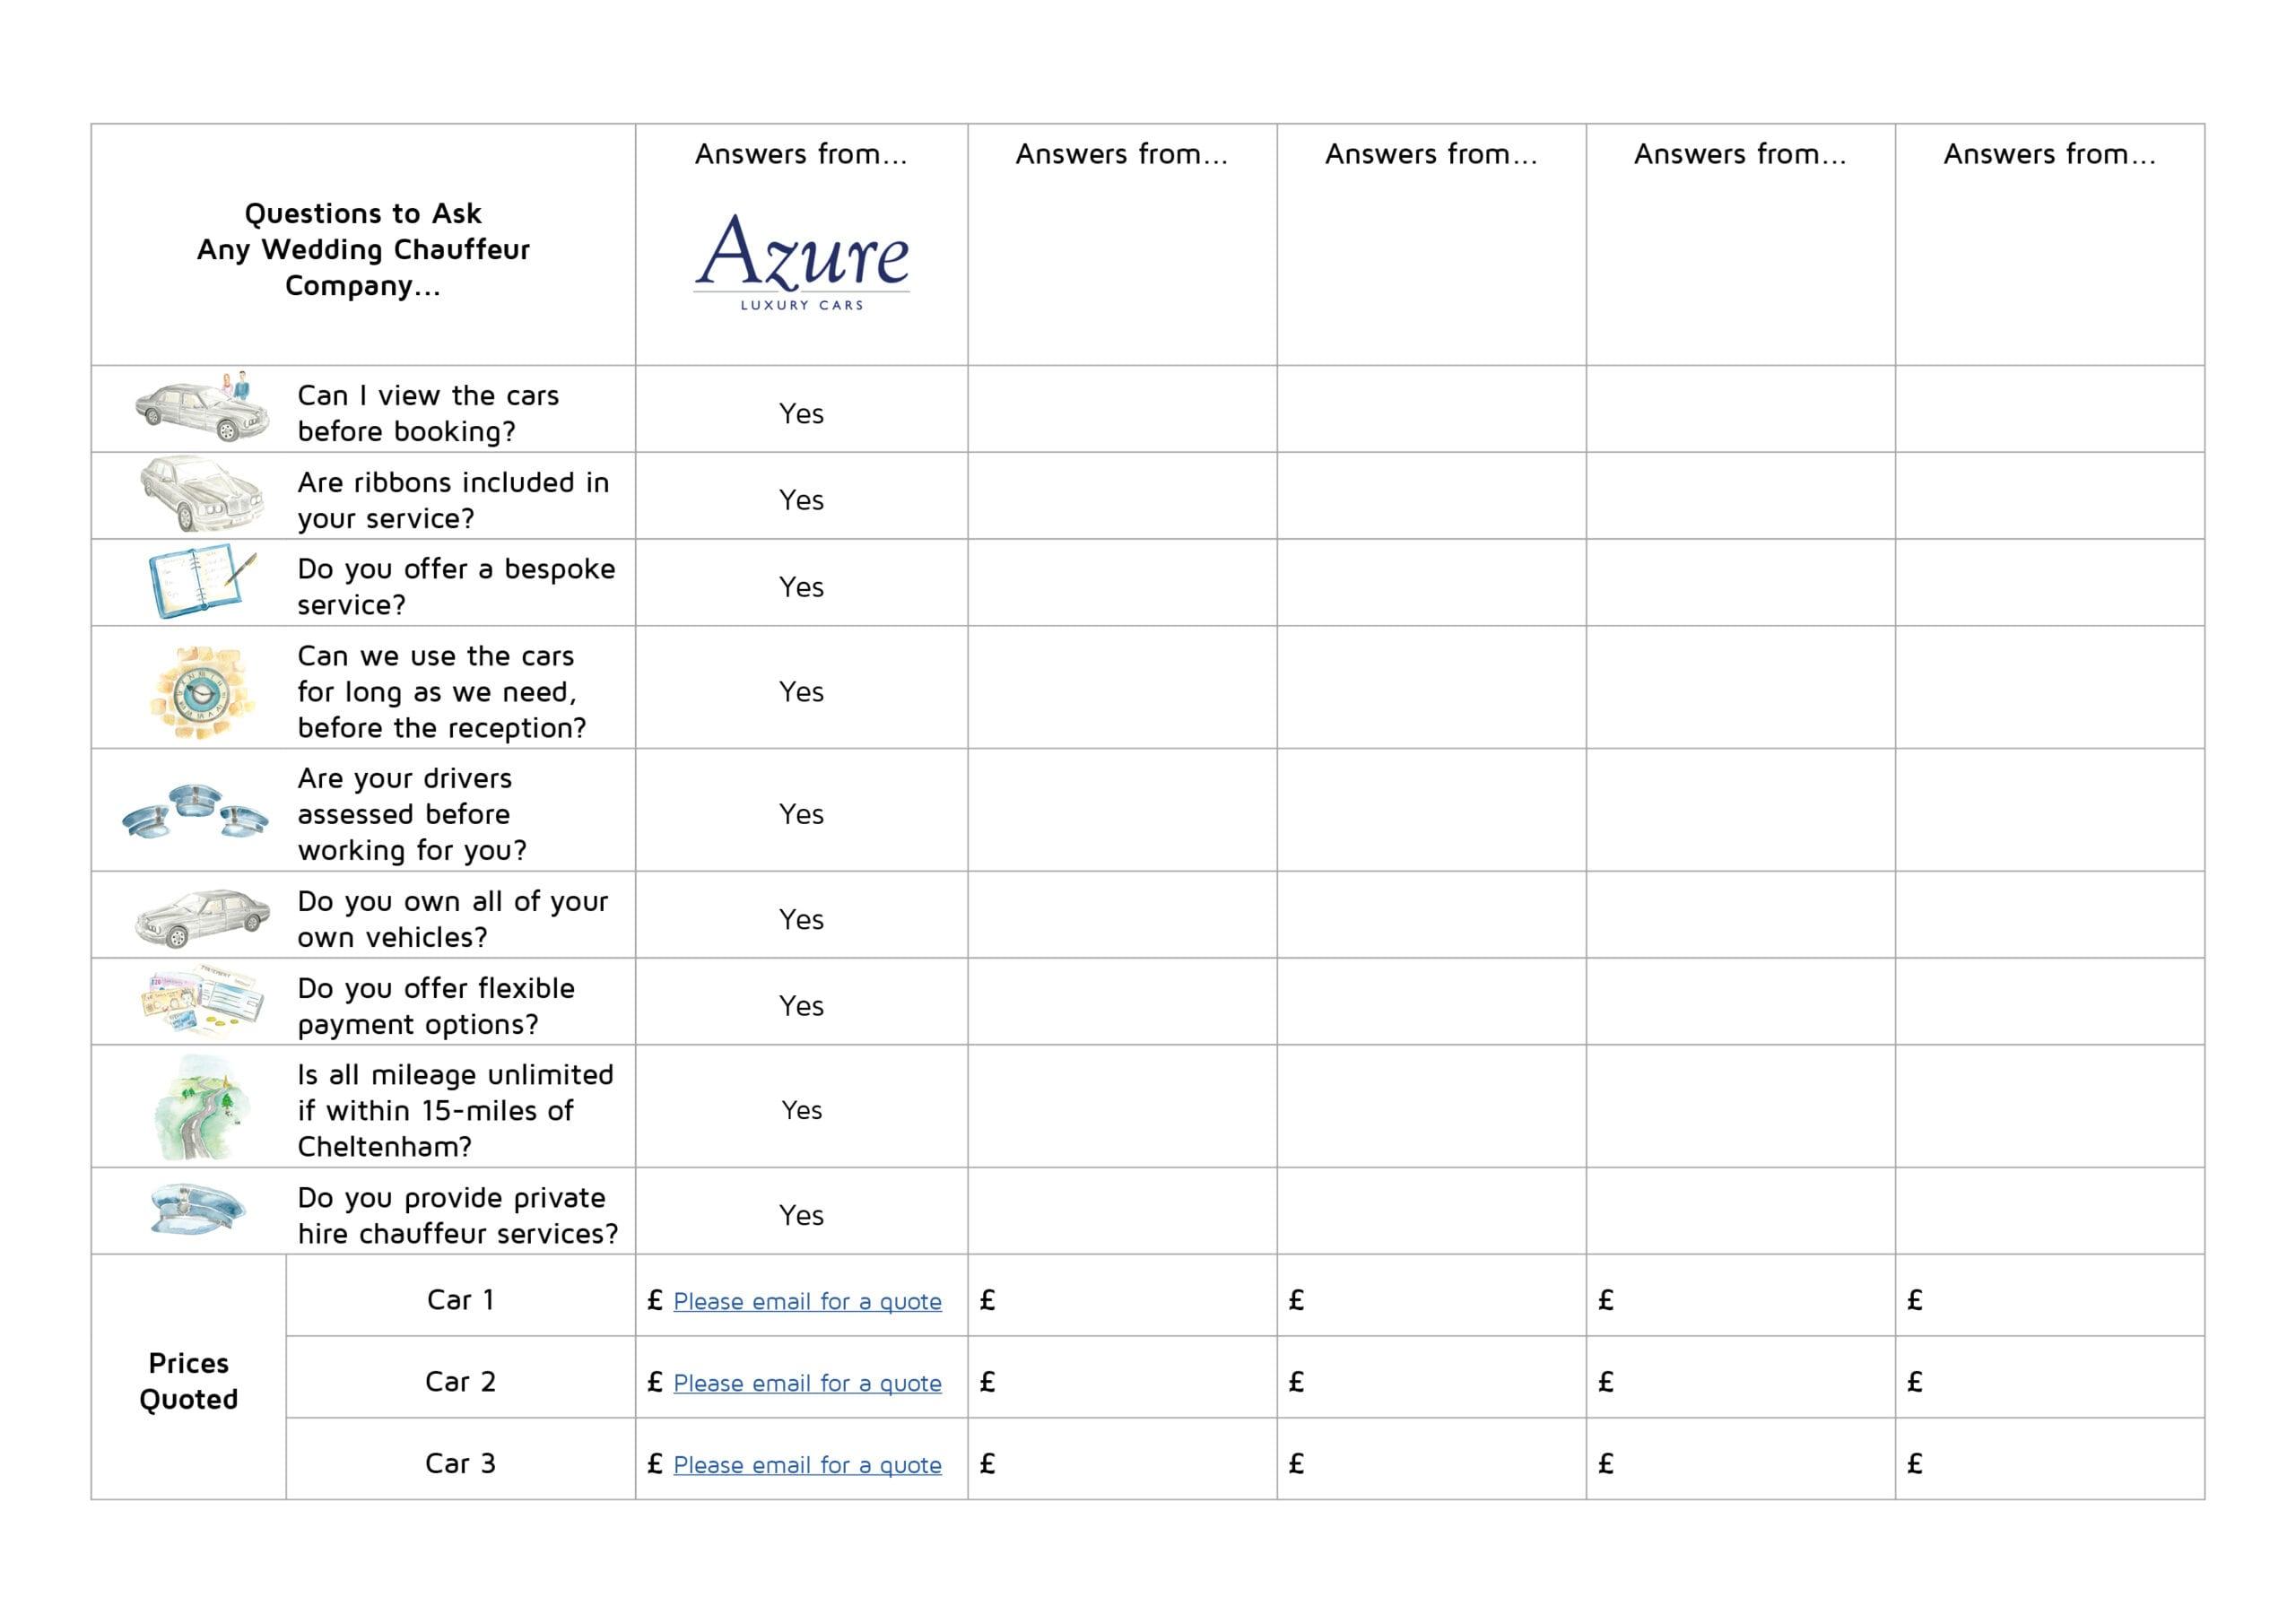 Car Company Comparison Table